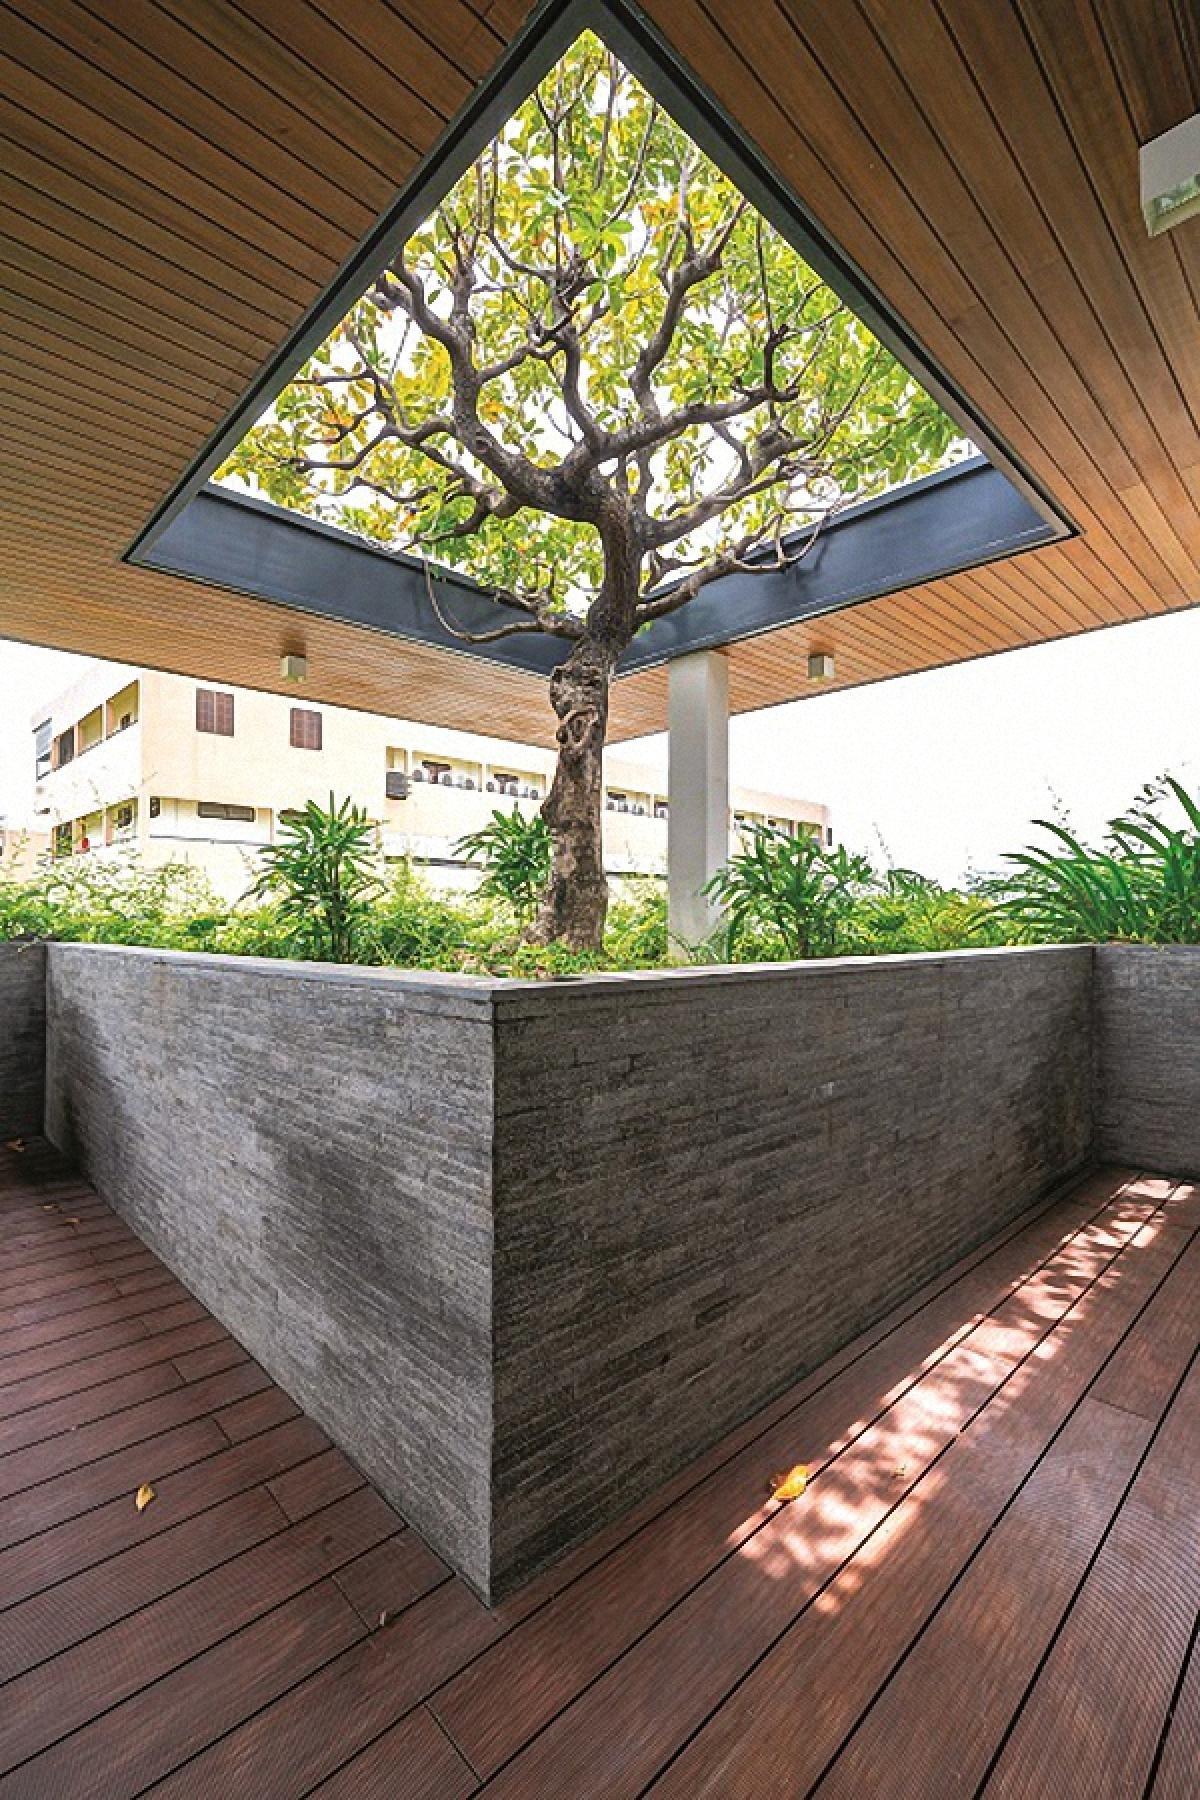 Những người thiết kế đã cố gắng tạo ra càng nhiều khoảng xanh càng tốt. Đồng thời, bằng ý thức văn minh khi thiết kế, họ đã cố gắng trả lại cho thiên nhiên bằng đúng những phần đất mà họ đã lấy đi để xây dựng, trả lại cho đô thị một sự cân bằng sinh thái. Với mật độ xây dựng chỉ khoảng hơn 30%, công trình có khoảng sân vườn thoáng rộng và tràn ngập màu xanh hoa cỏ. Về hình thức, công trình mang phong cách hiện đại với những đường nét, mảng khối mạnh mẽ.